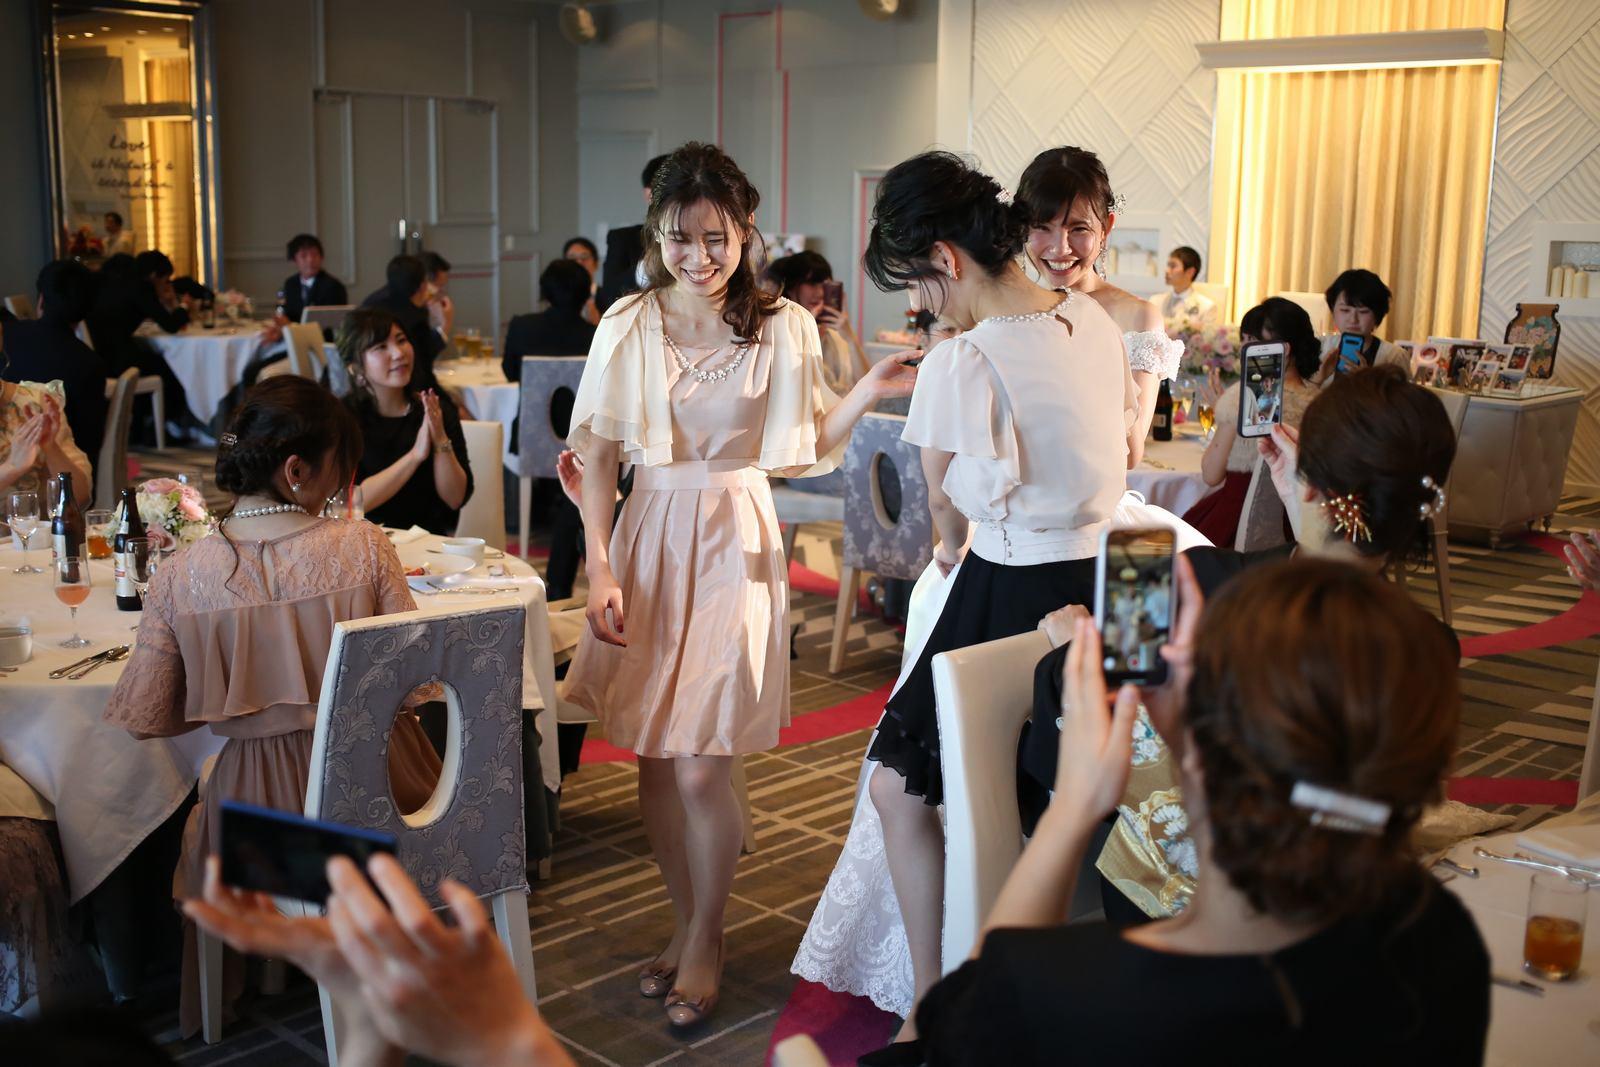 徳島市の結婚式場ブランアンジュで2人の妹様と退場する新婦